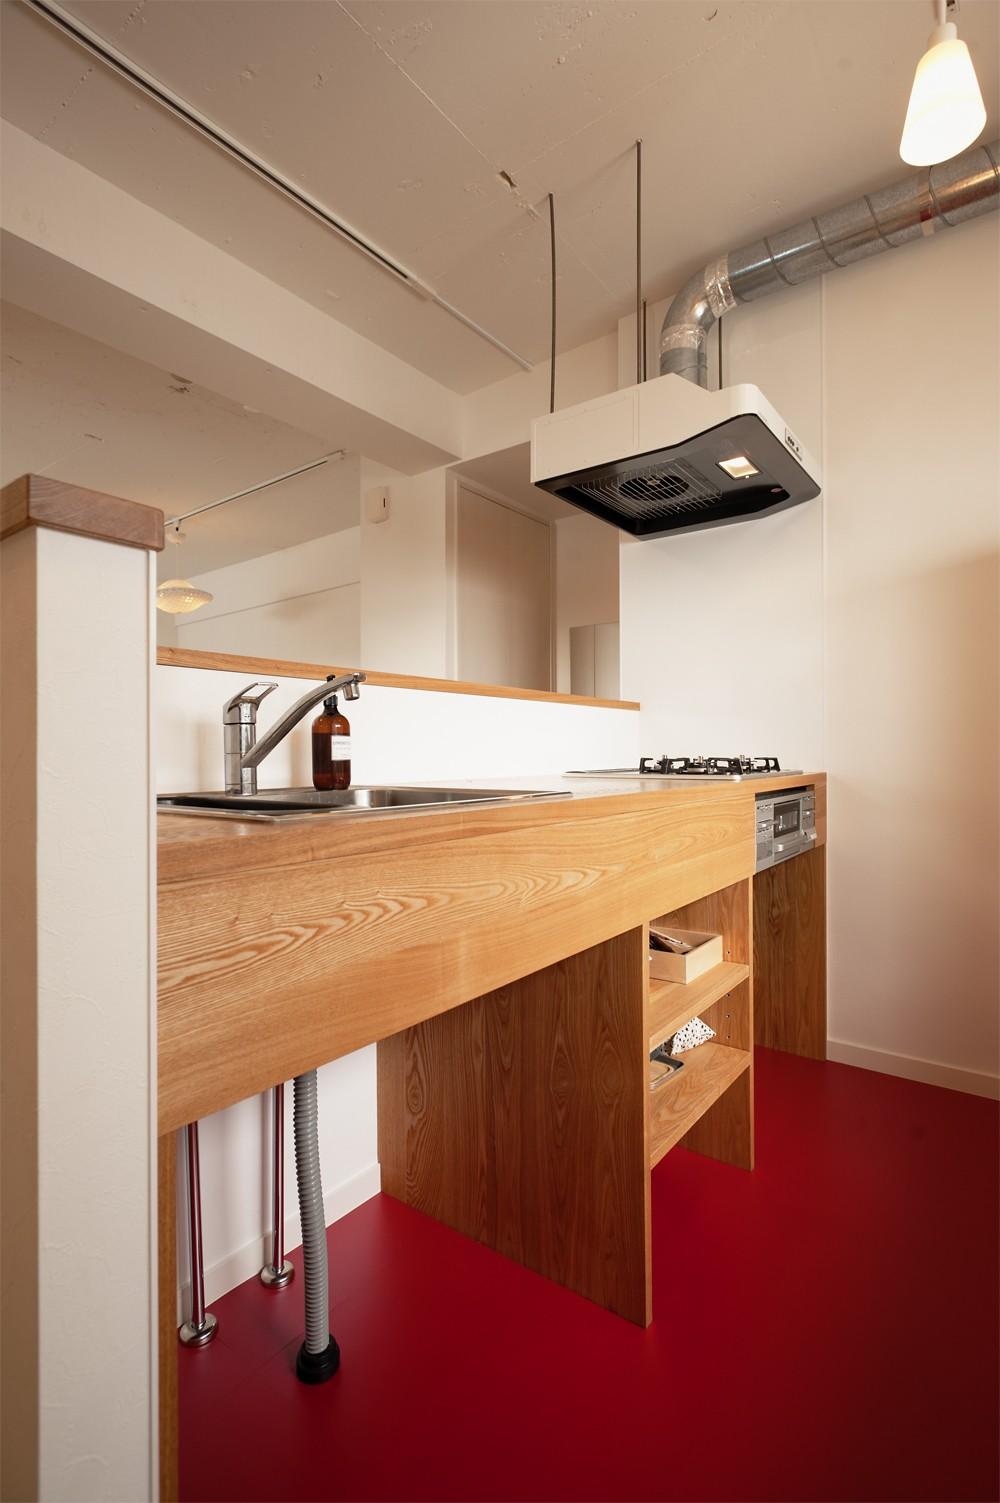 キッチン事例:造作キッチン(自分らしい自分だけの空間を手に入れる)